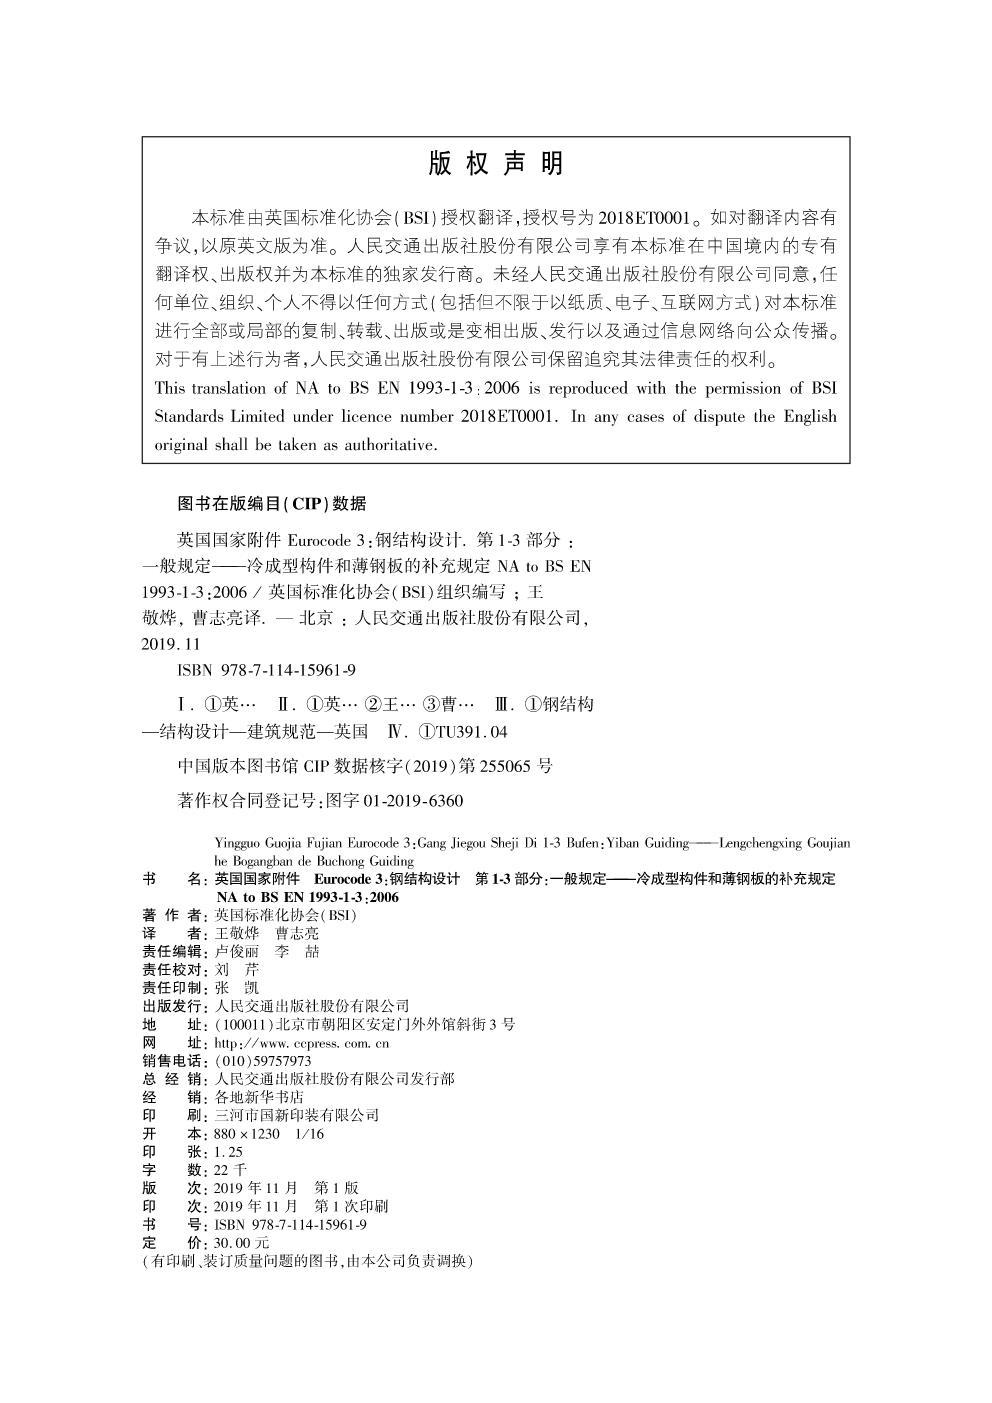 英国国家附件-钢结构设计第1-3部分:一般规定——冷成型构件和薄钢板的补充规定-NA-to-BS-EN-1993-1-3:2006-Page-003